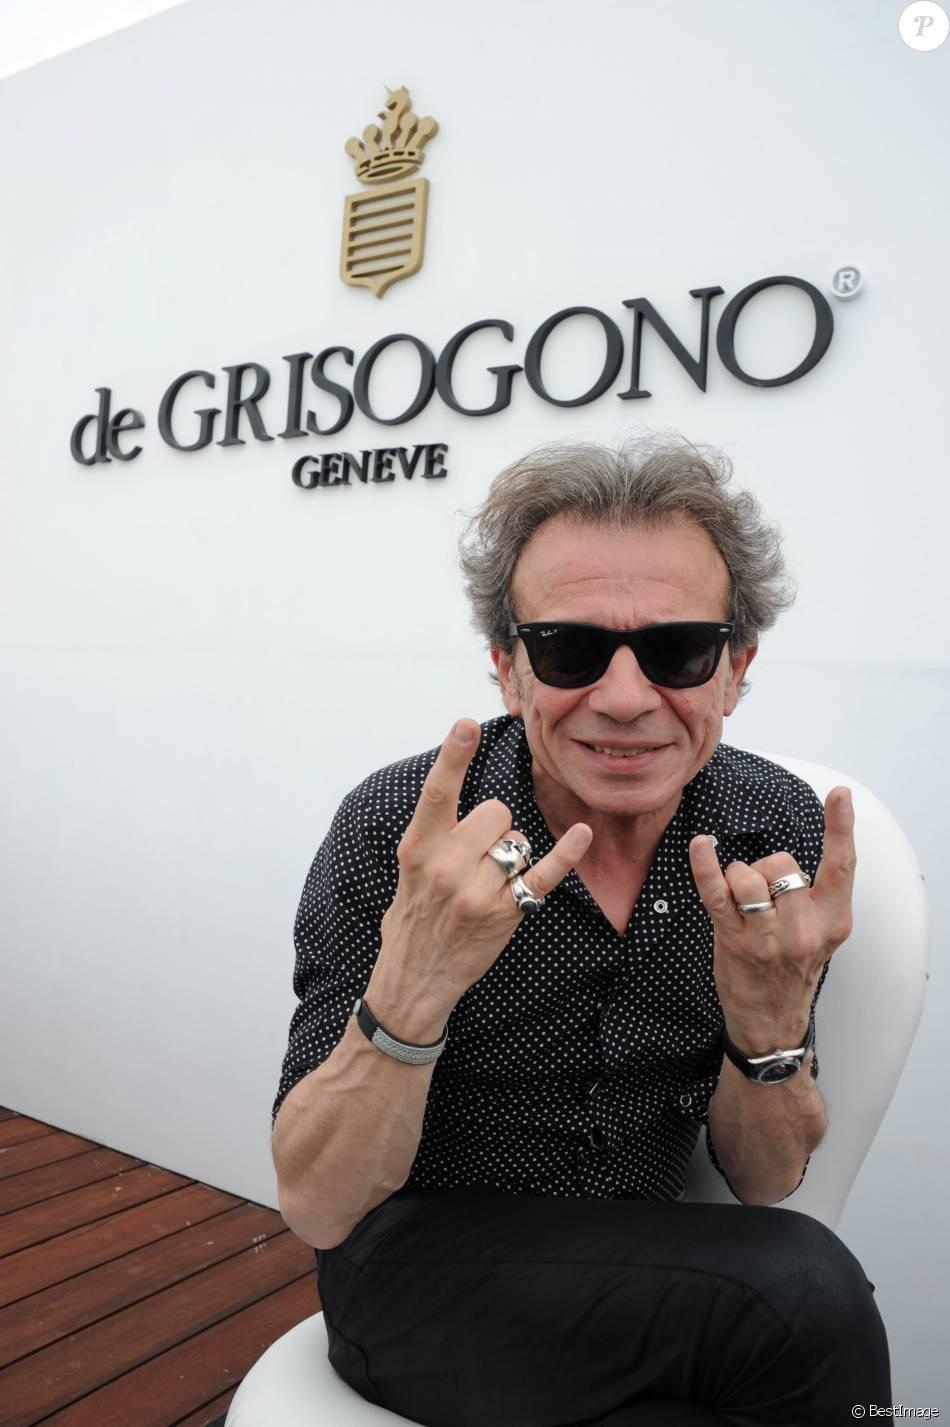 Exclusif - Rencontre avec Philippe Manoeuvre au showroom de Grisogono lors du 68ème festival international du film de Cannes le 14 mai 2015